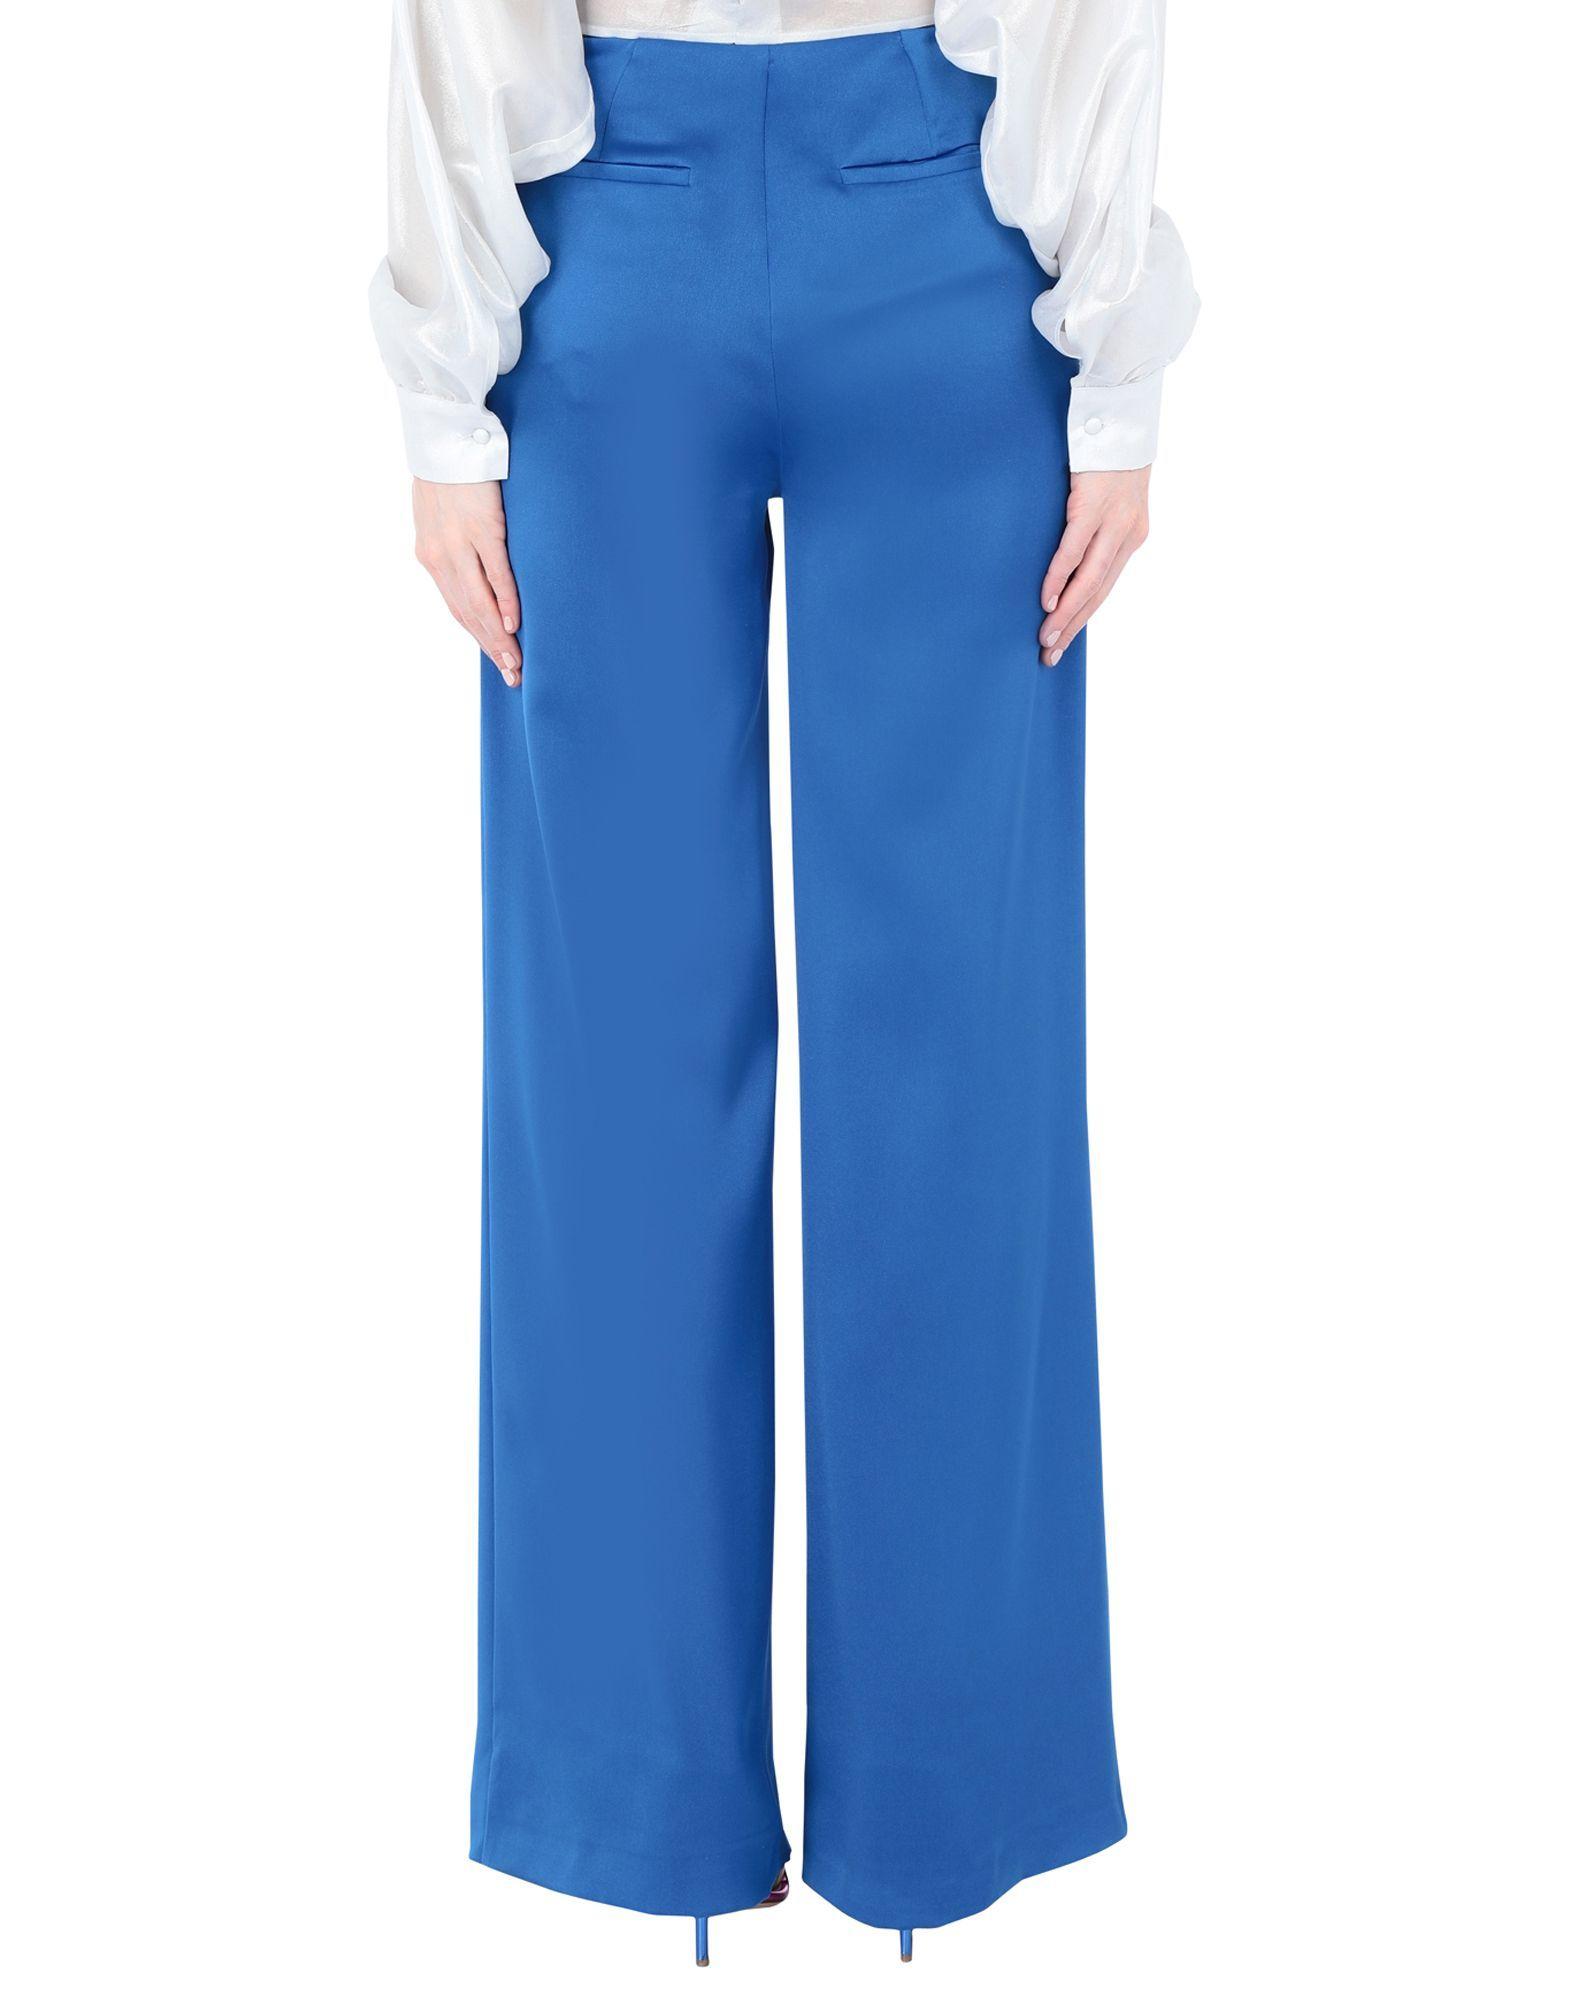 TROUSERS Woman Au Jour Le Jour Blue Polyester